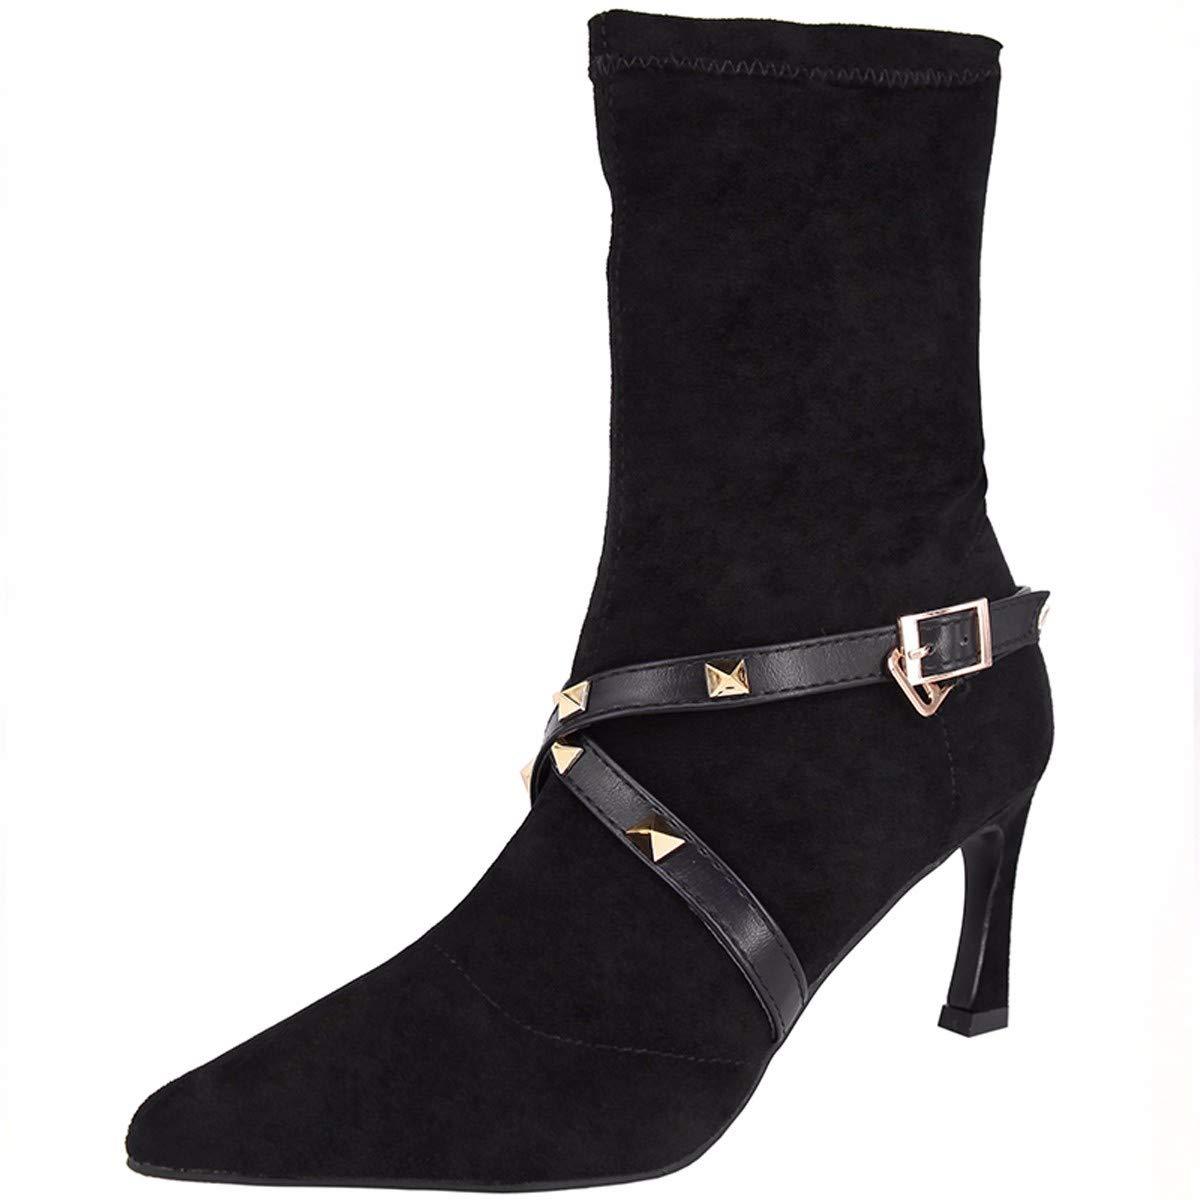 KPHY Damenschuhe/Kurze Stiefel Mit Hohen 7Cm, Persönlichkeit, Scharf Darauf, Nieten, Kurzen Schlauch, Elastische Schuhe, Mode, Schuhe.